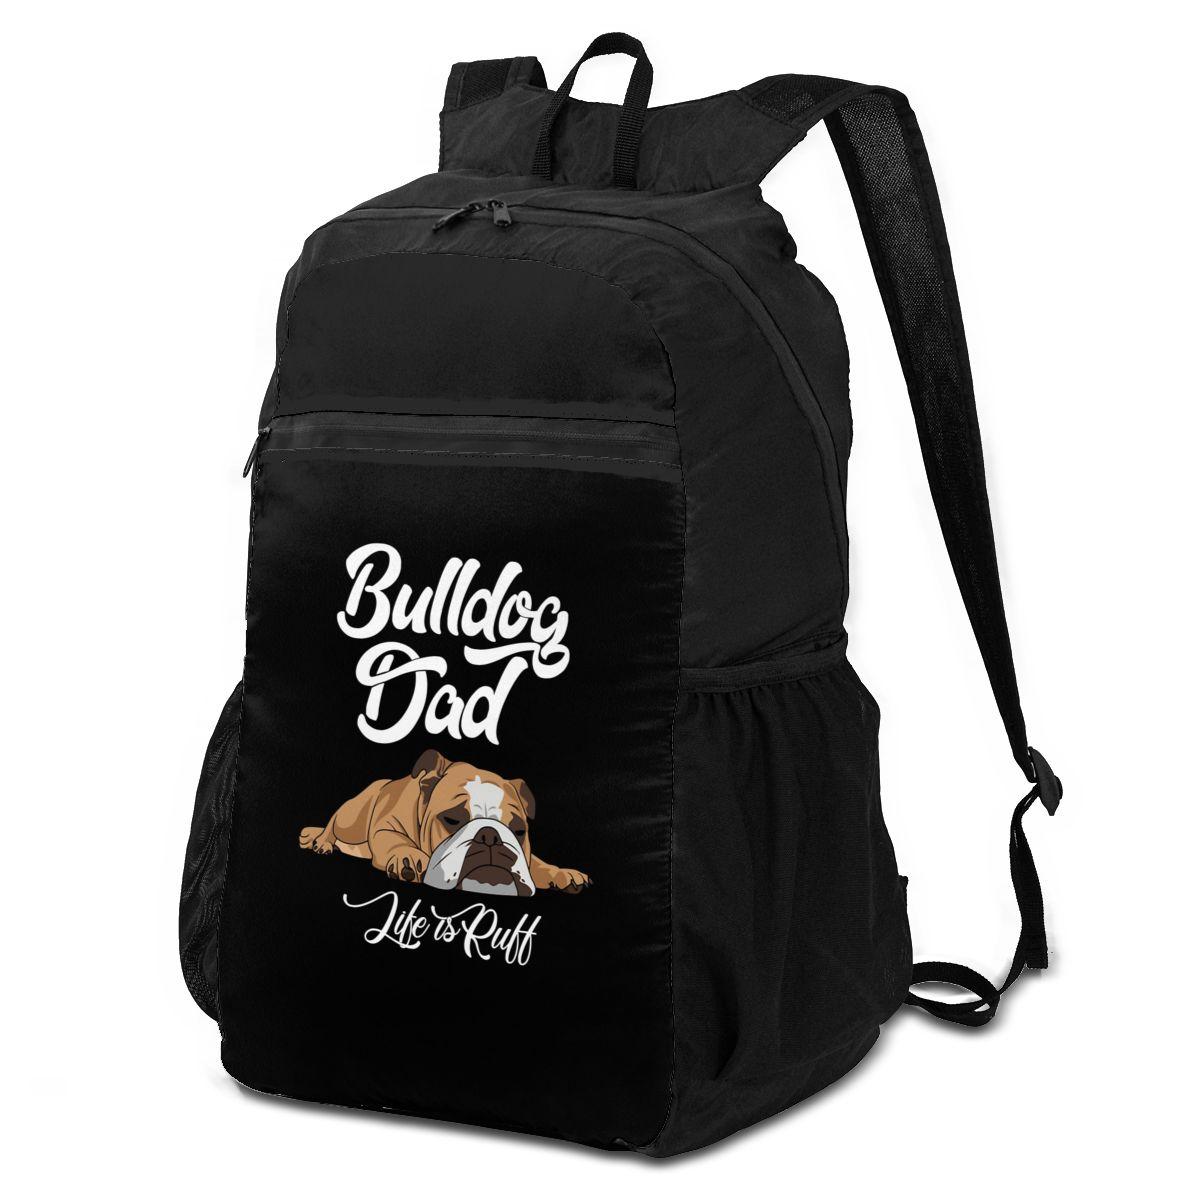 Дорожные рюкзаки для мужчин и женщин, Молодежные спортивные и удобные сумки, портативный ранец для кемпинга, женские сумки для альпинизма